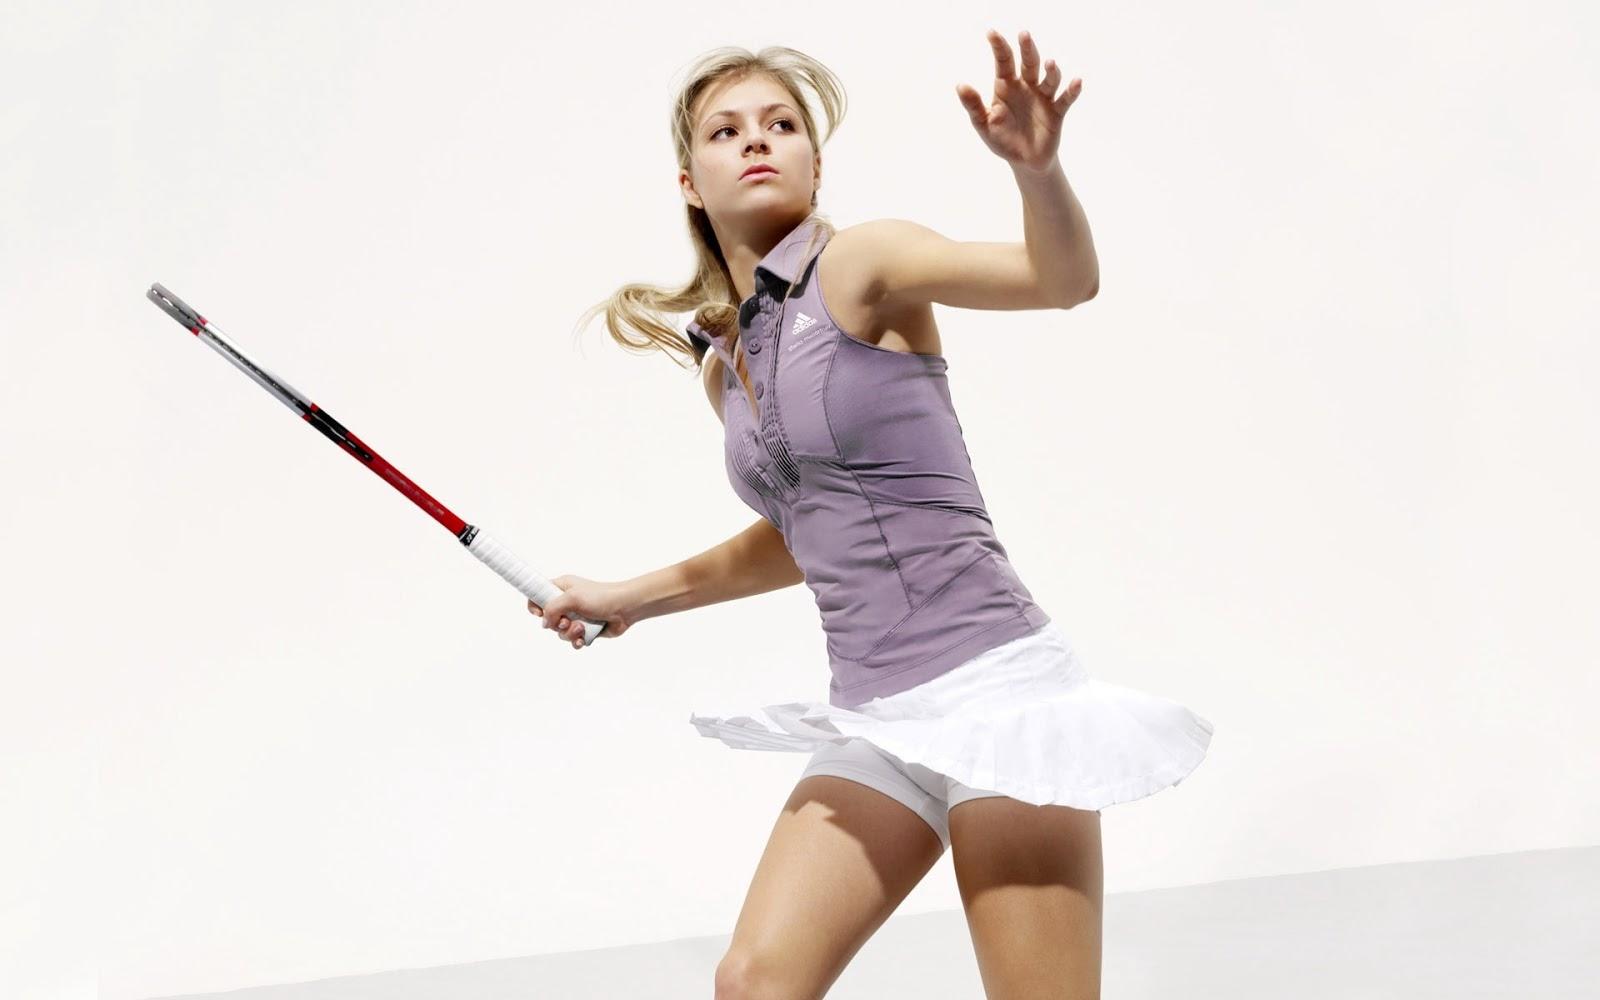 http://2.bp.blogspot.com/-ohSYlFJoGUI/URCtwYC2IxI/AAAAAAAAAog/f2HVac9Zdwk/s1600/Tennis+HD+Wallpapers+1.jpg